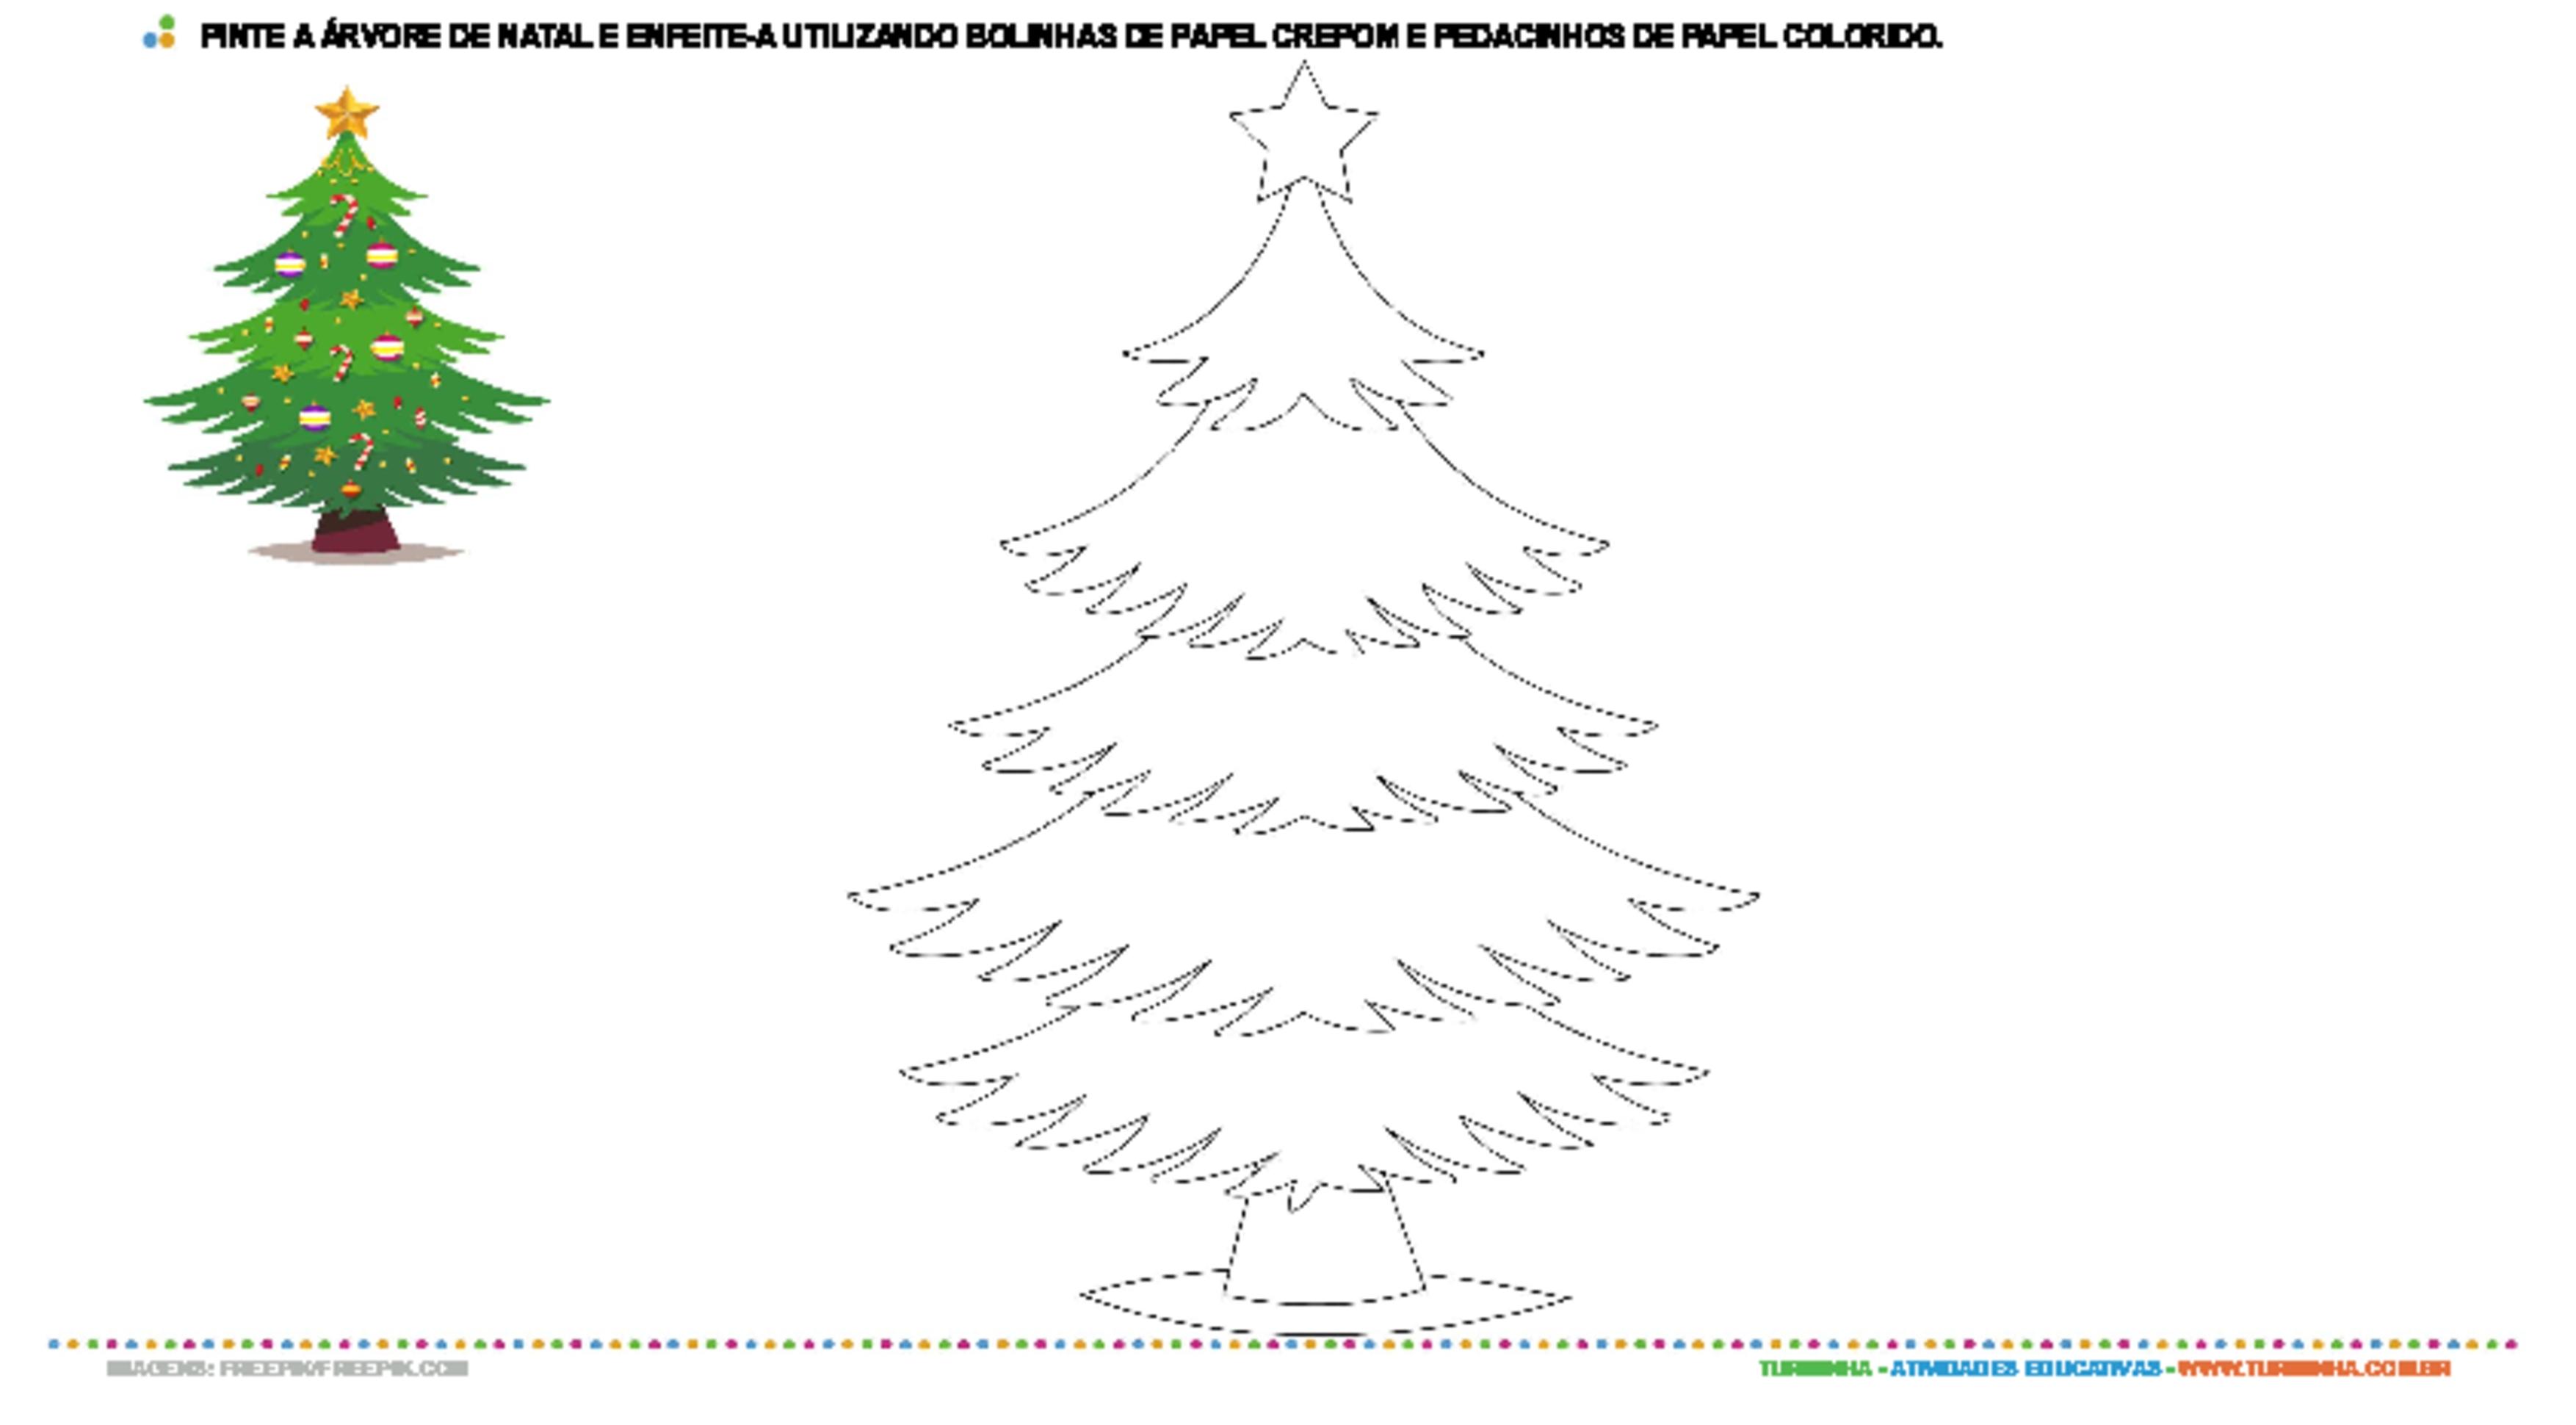 Pintura e colagem - Árvore de Natal - atividade educativa para Pré-Escola (4 e 5 anos)